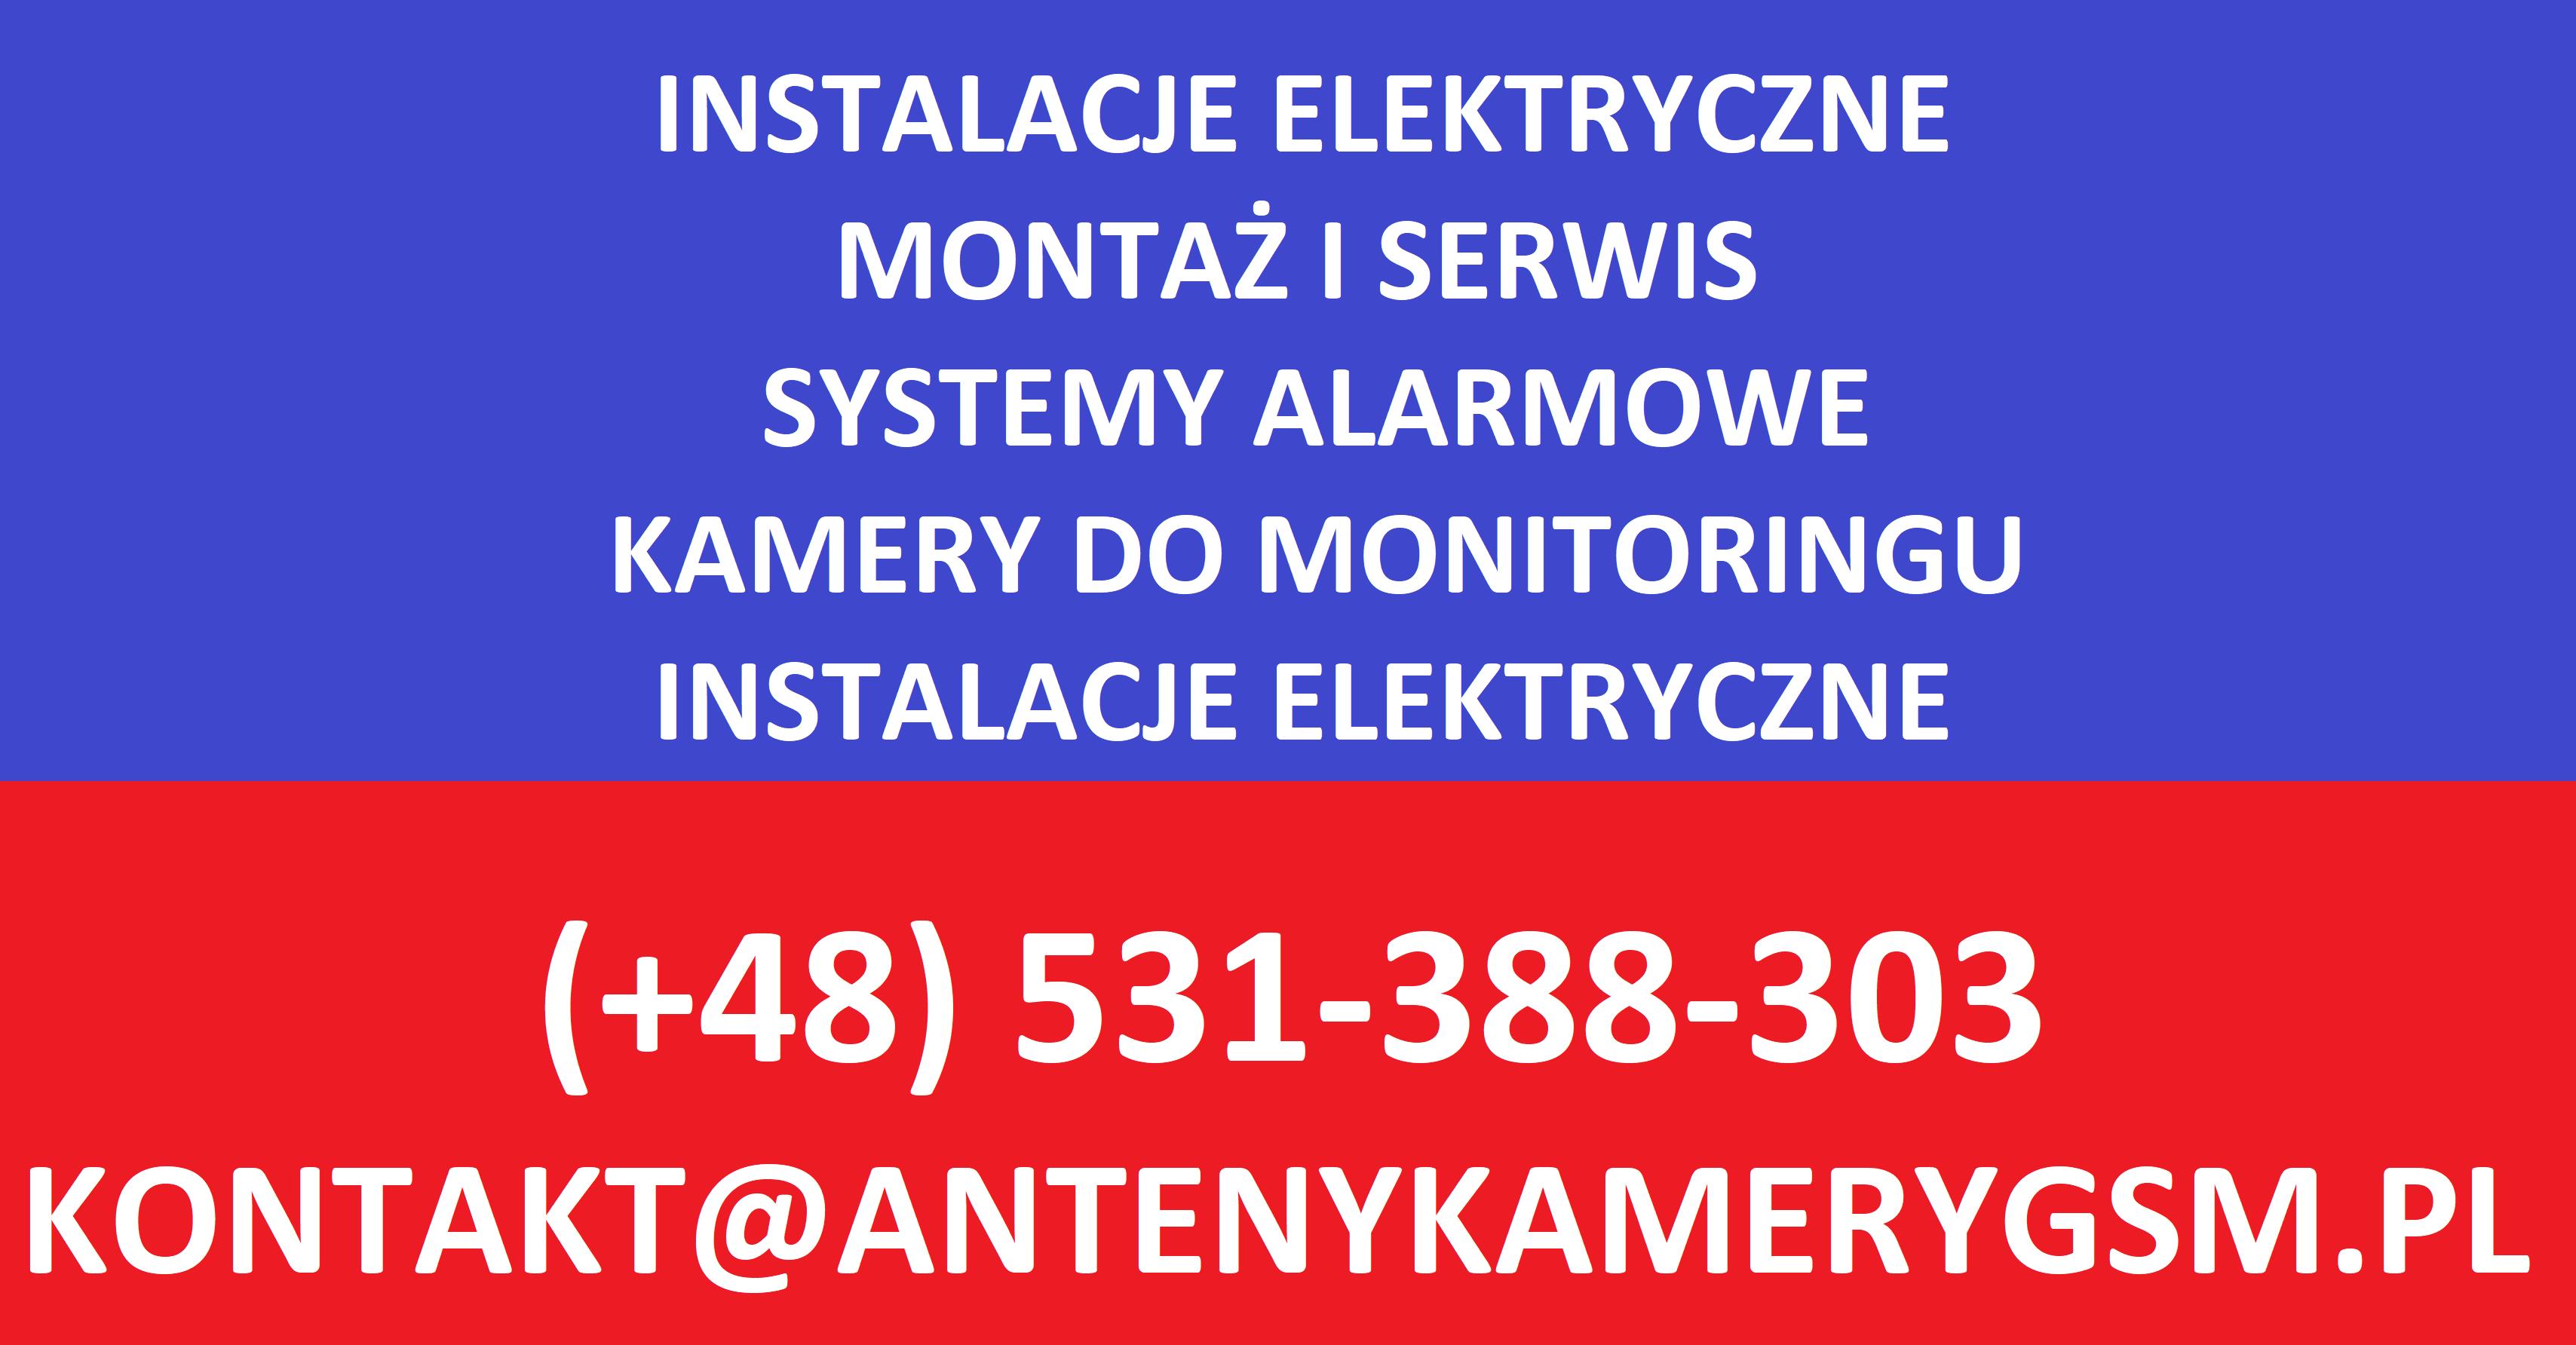 dane kontaktowe firmy wykonujacej uslugi elektryczne na terenie krakowa i malopolski